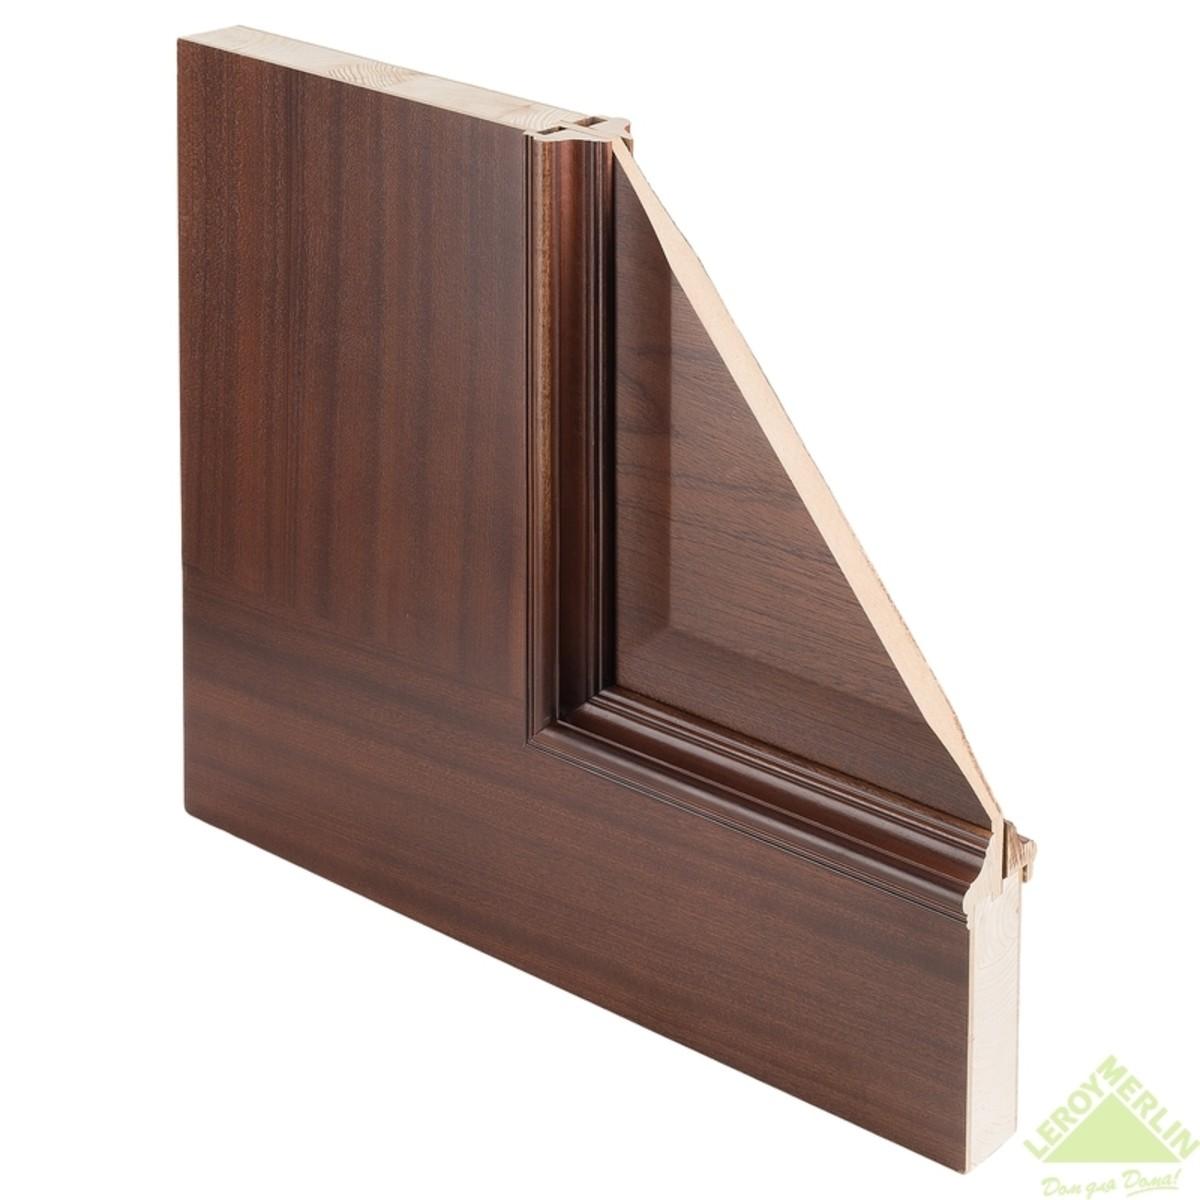 Дверь межкомнатная остеклённая Вельми 700x2000 мм шпон сапели